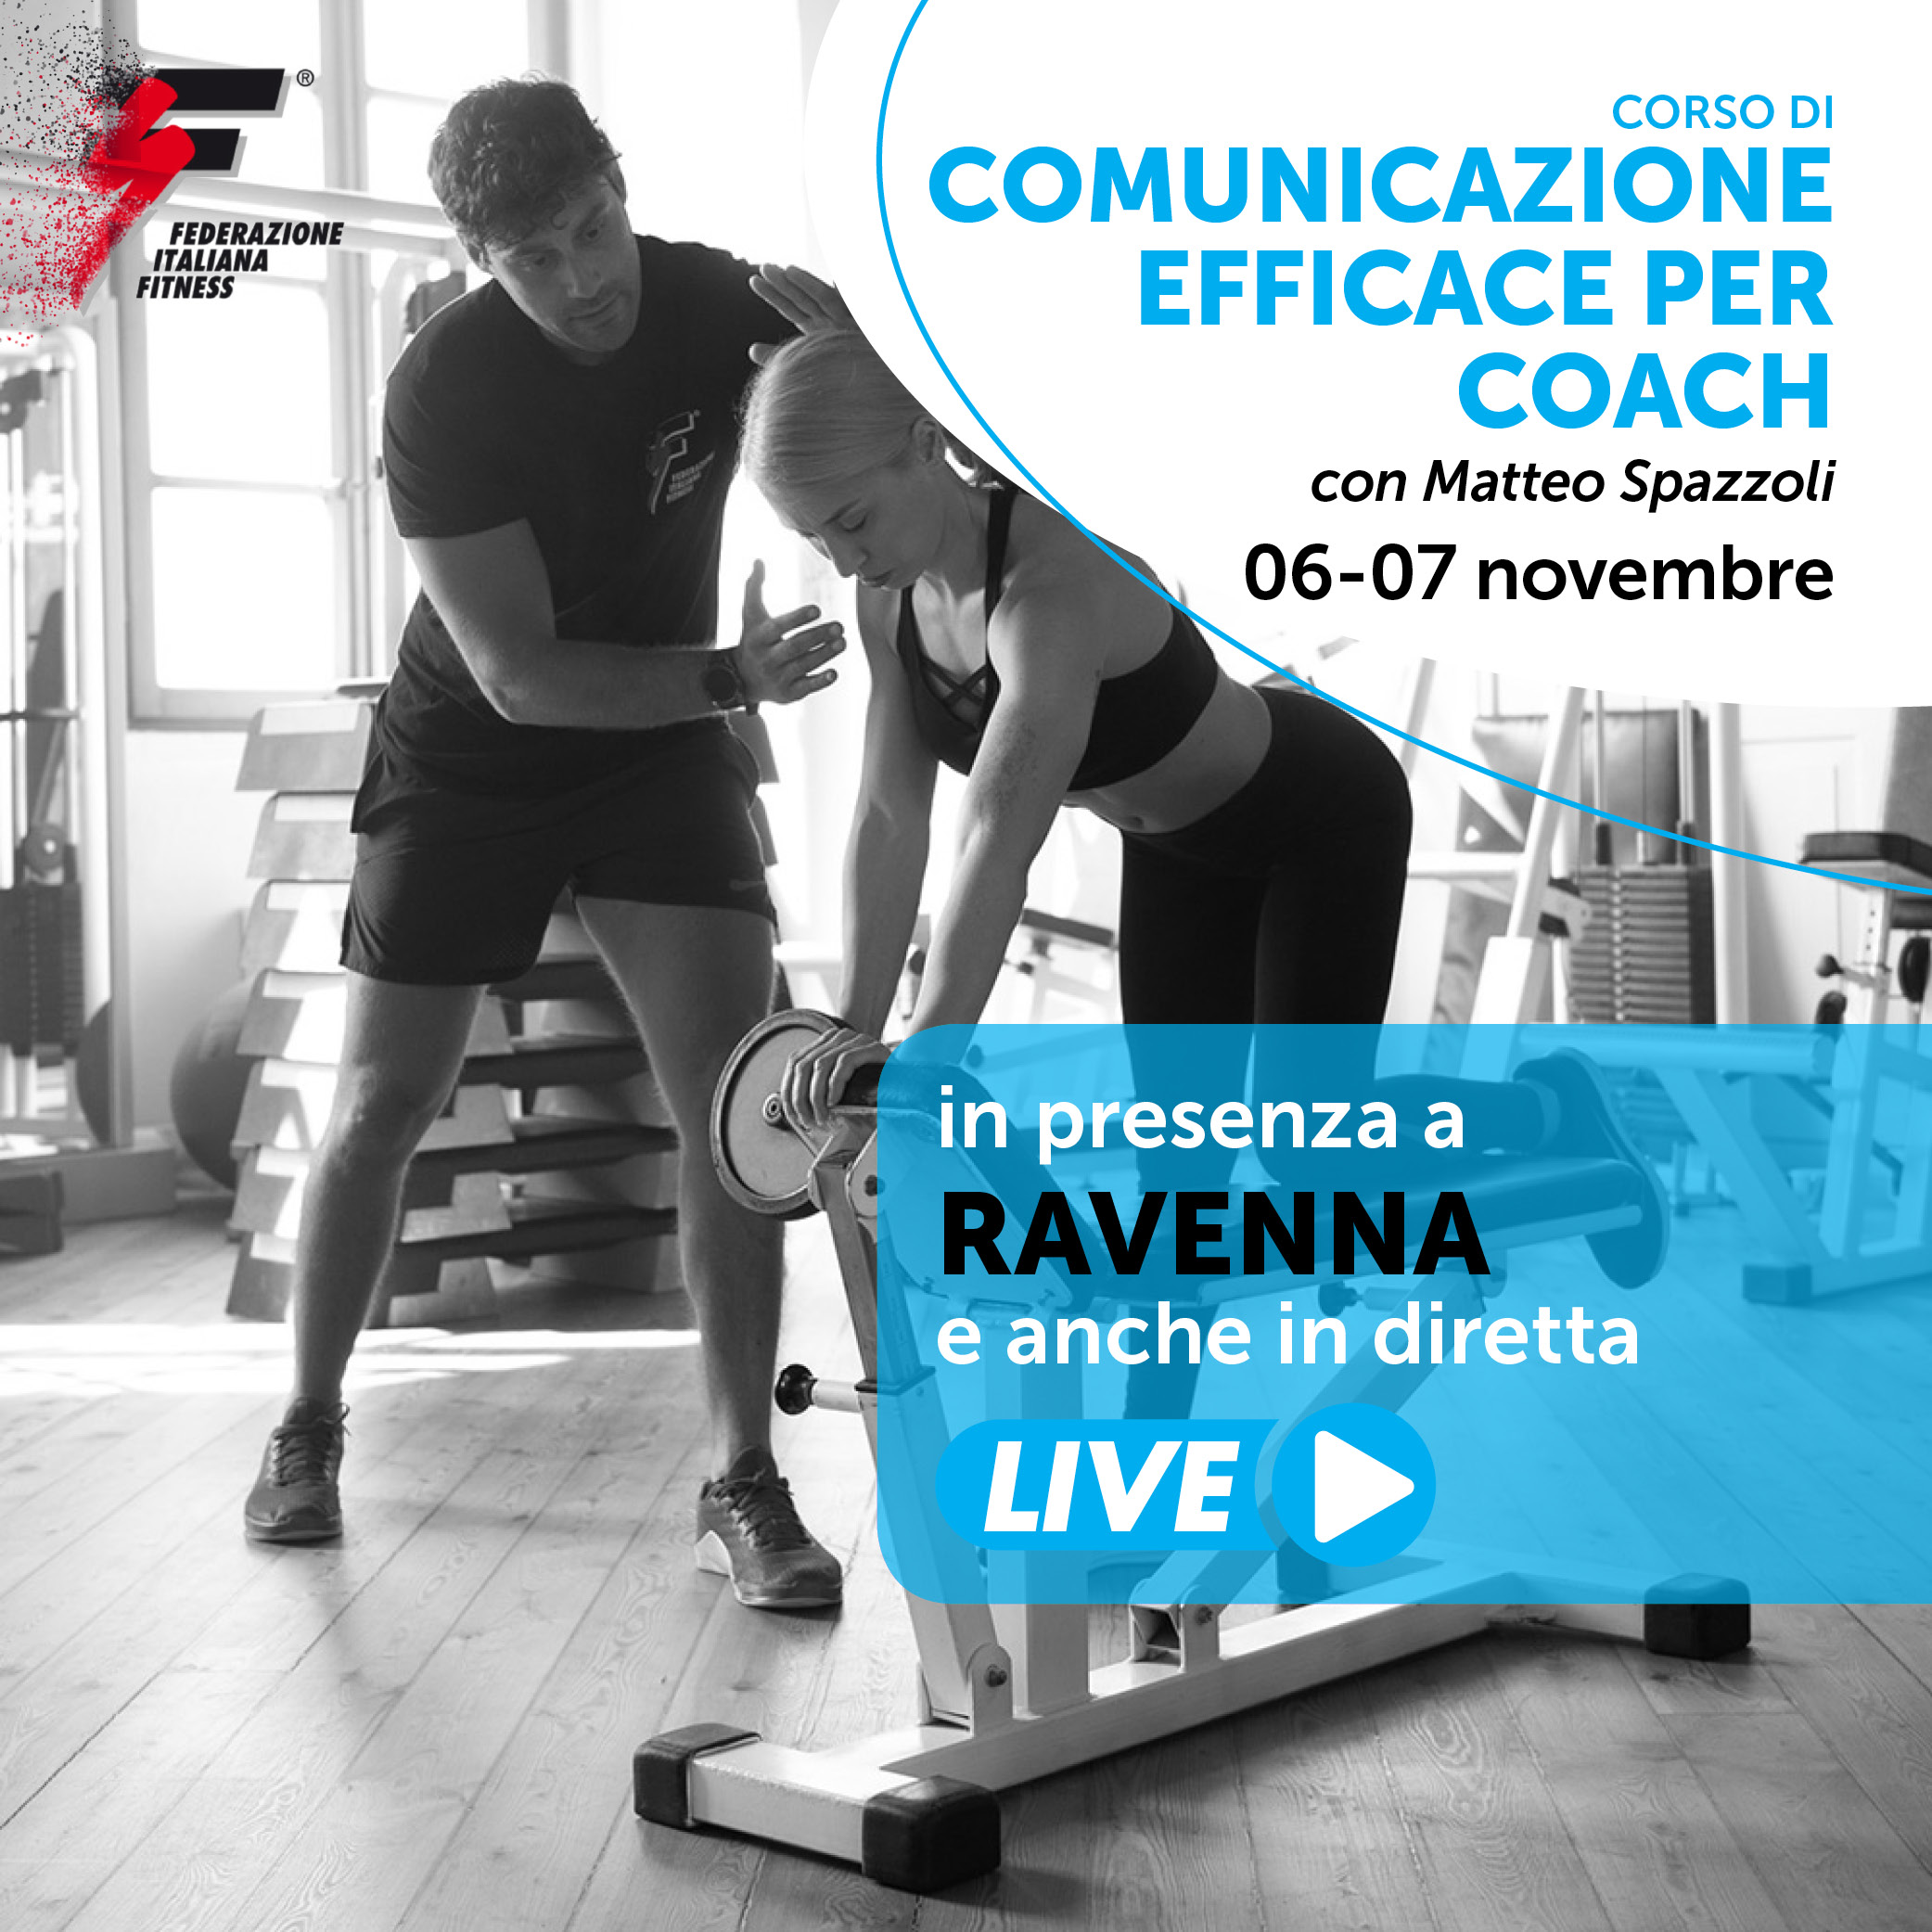 COMUNICAZIONE EFFICACE PER COACH /Corso Live